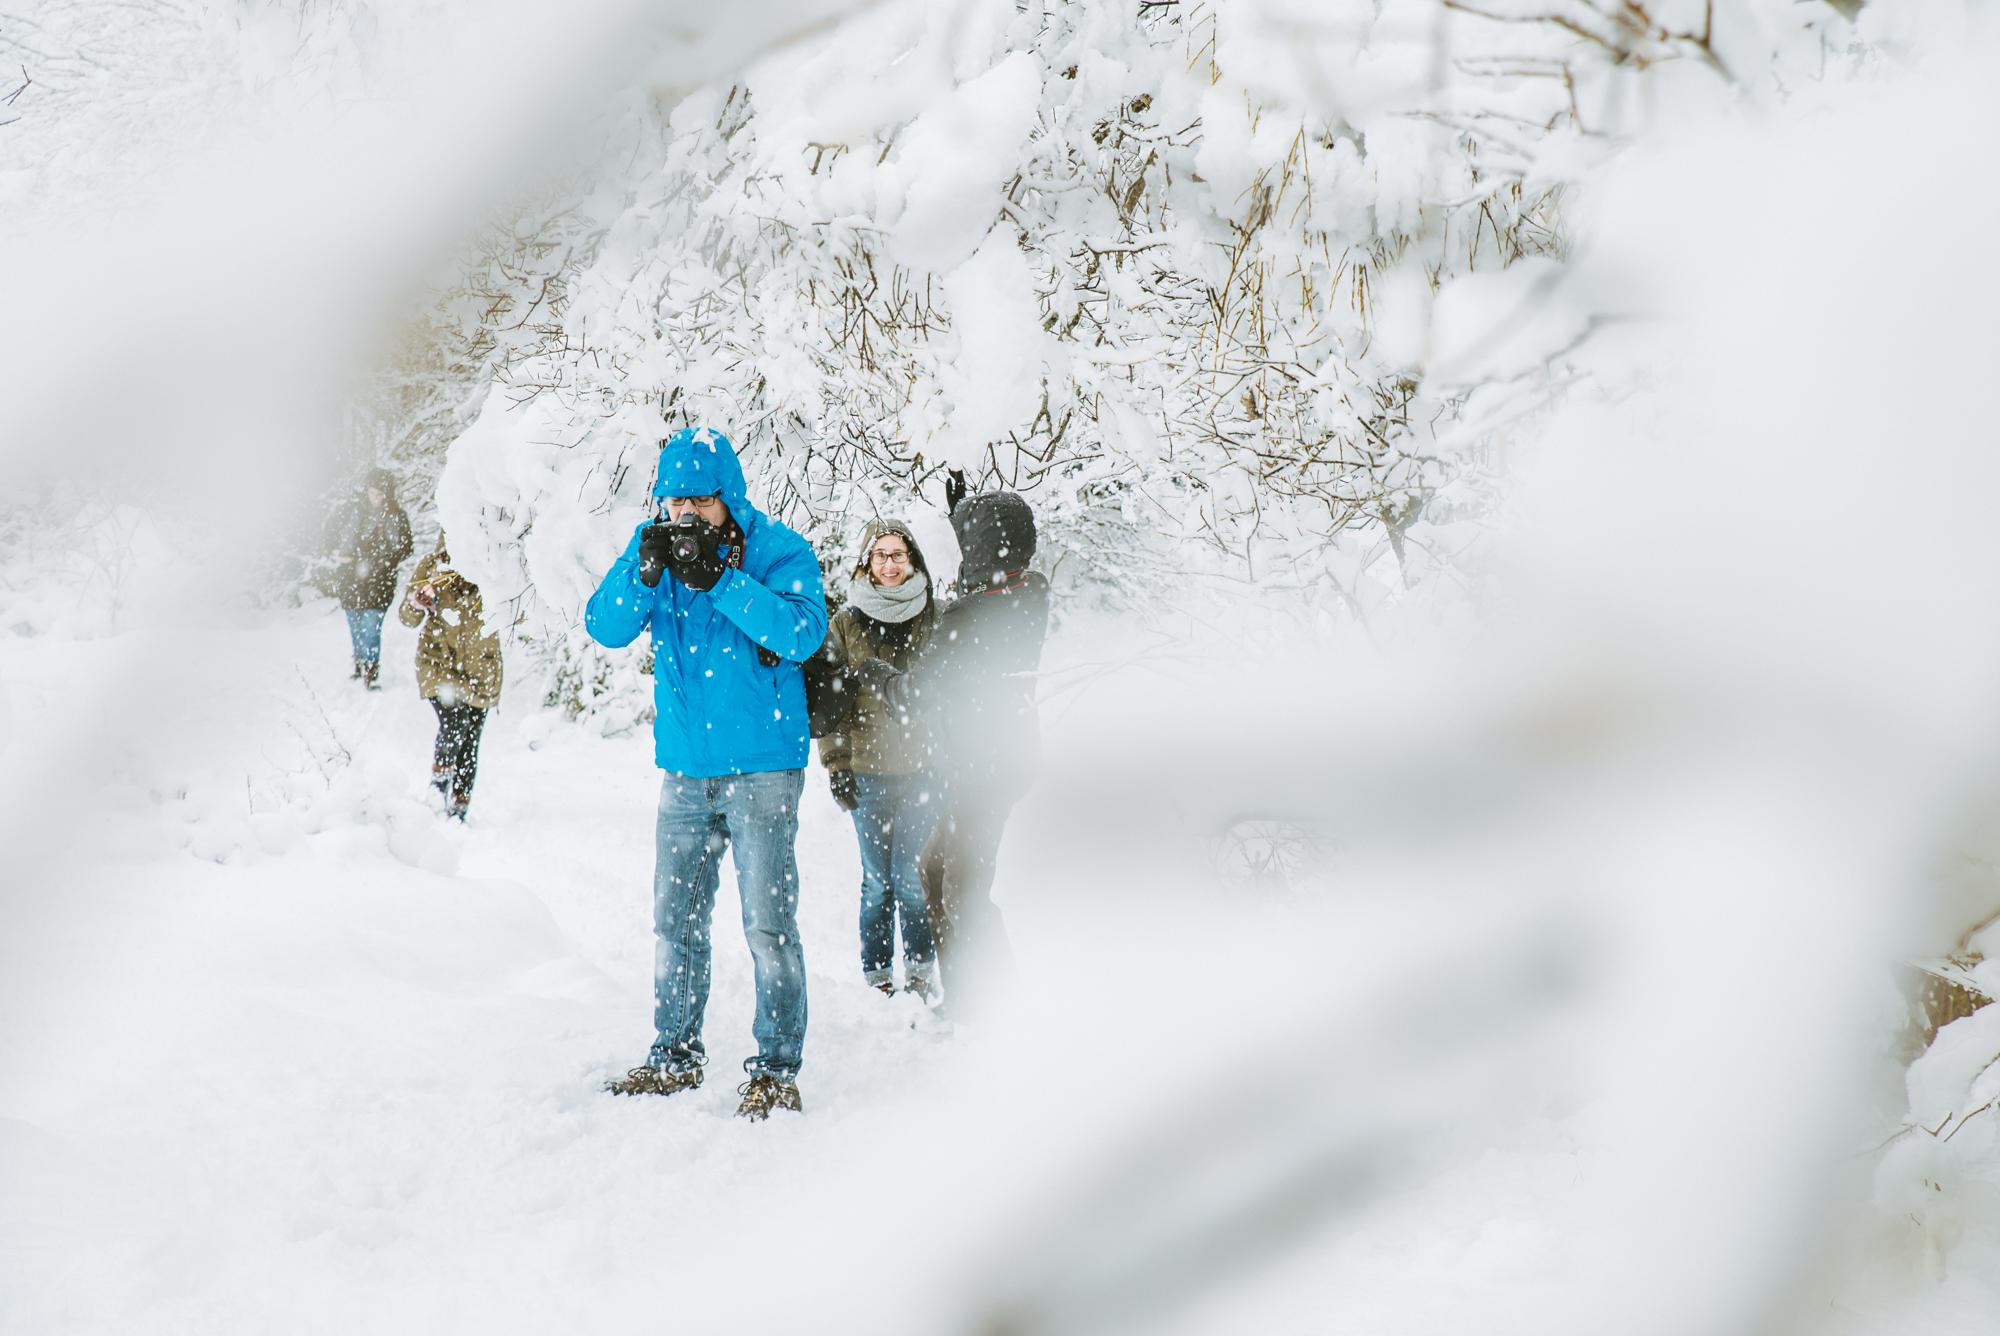 haciendo-fotos-en-la-nieve.jpg